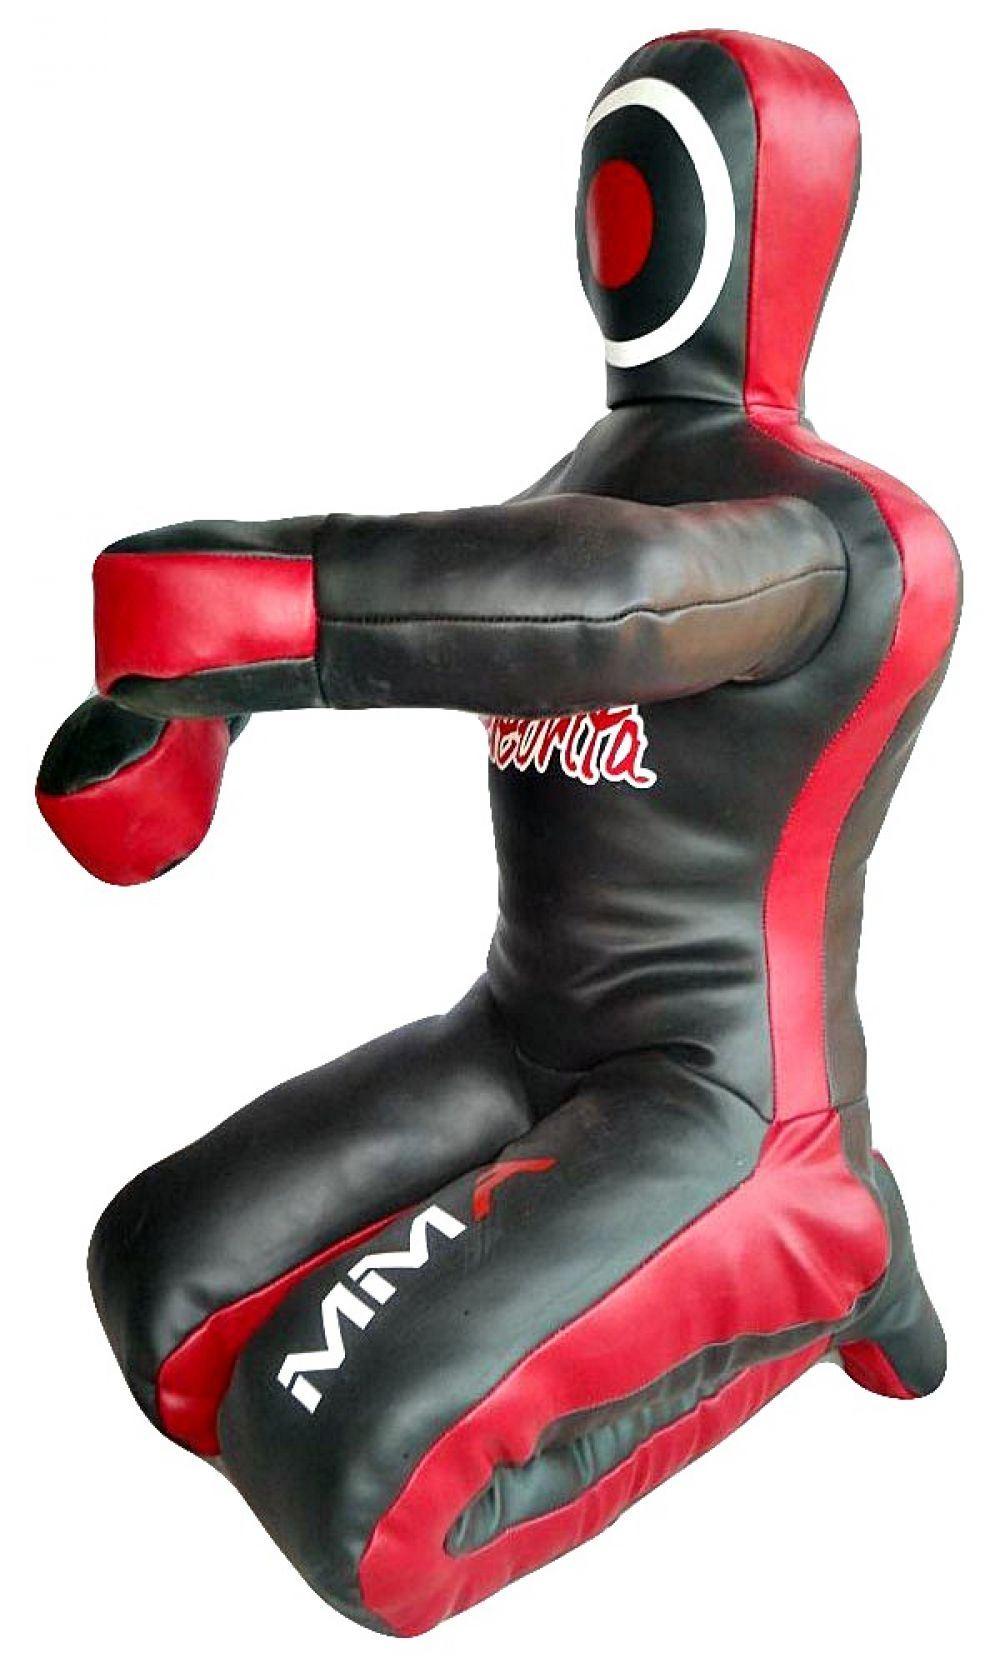 celebrita mma judo punching bag grappling dummy sitting